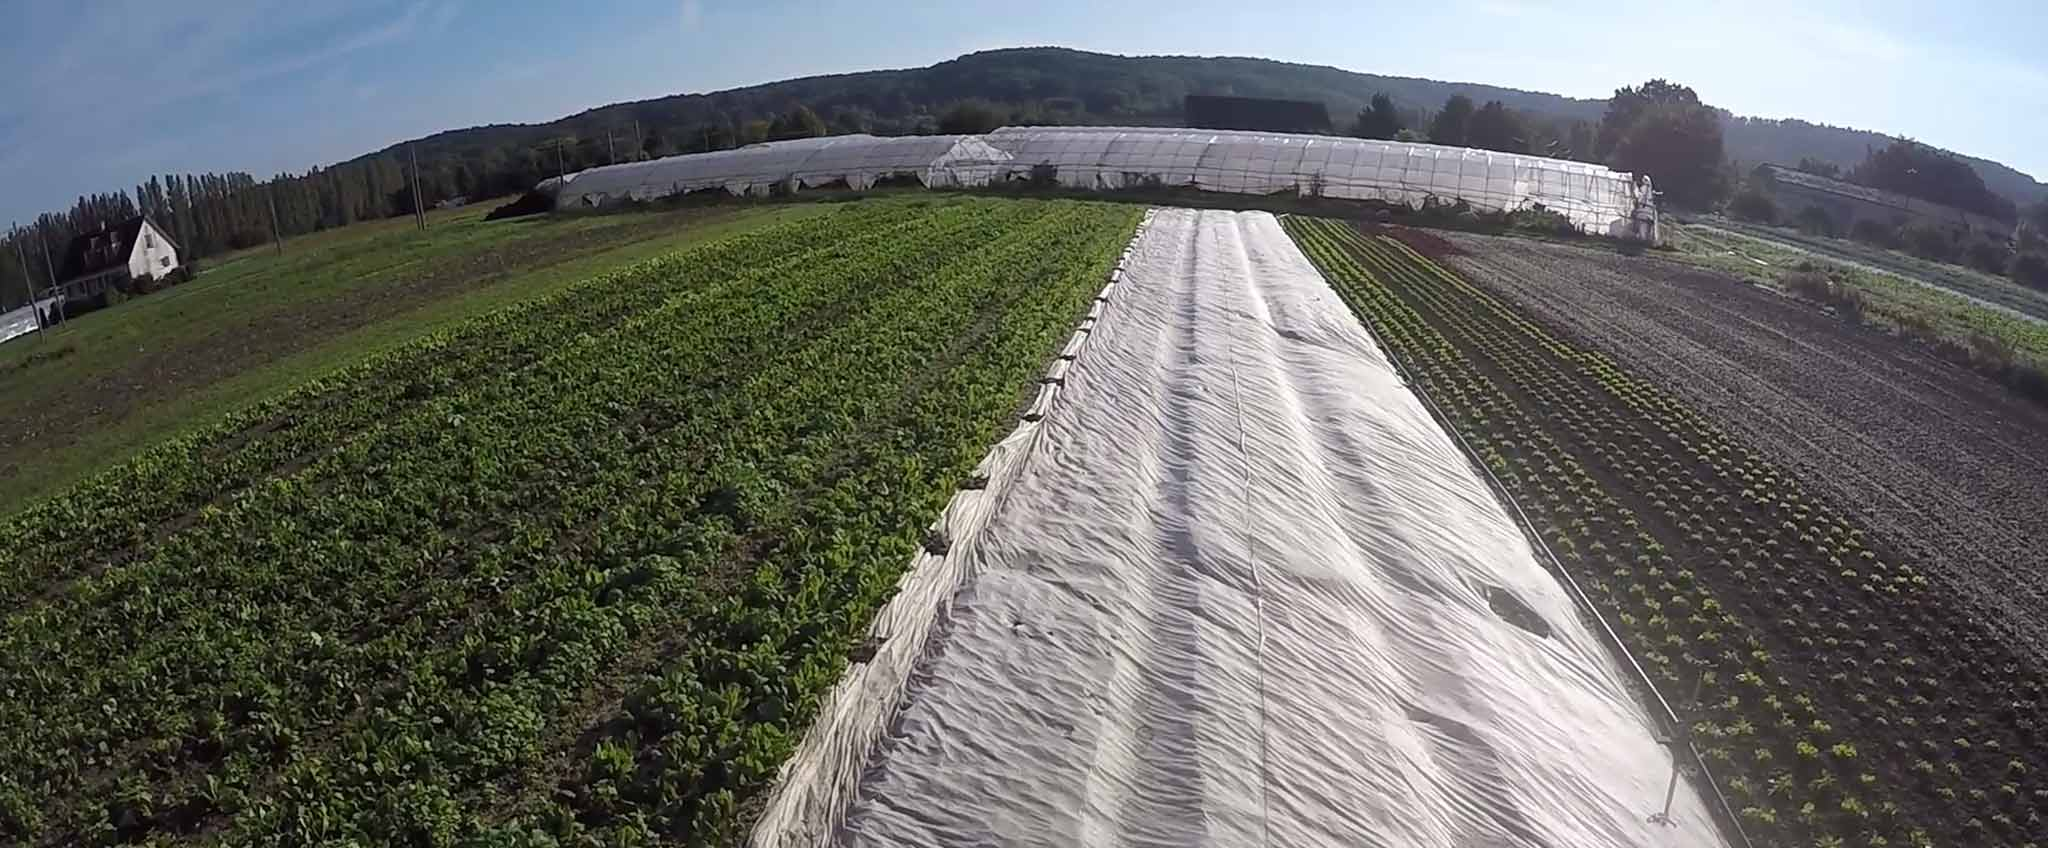 vente-directe-legumes-bio-78-saint-remy-honore